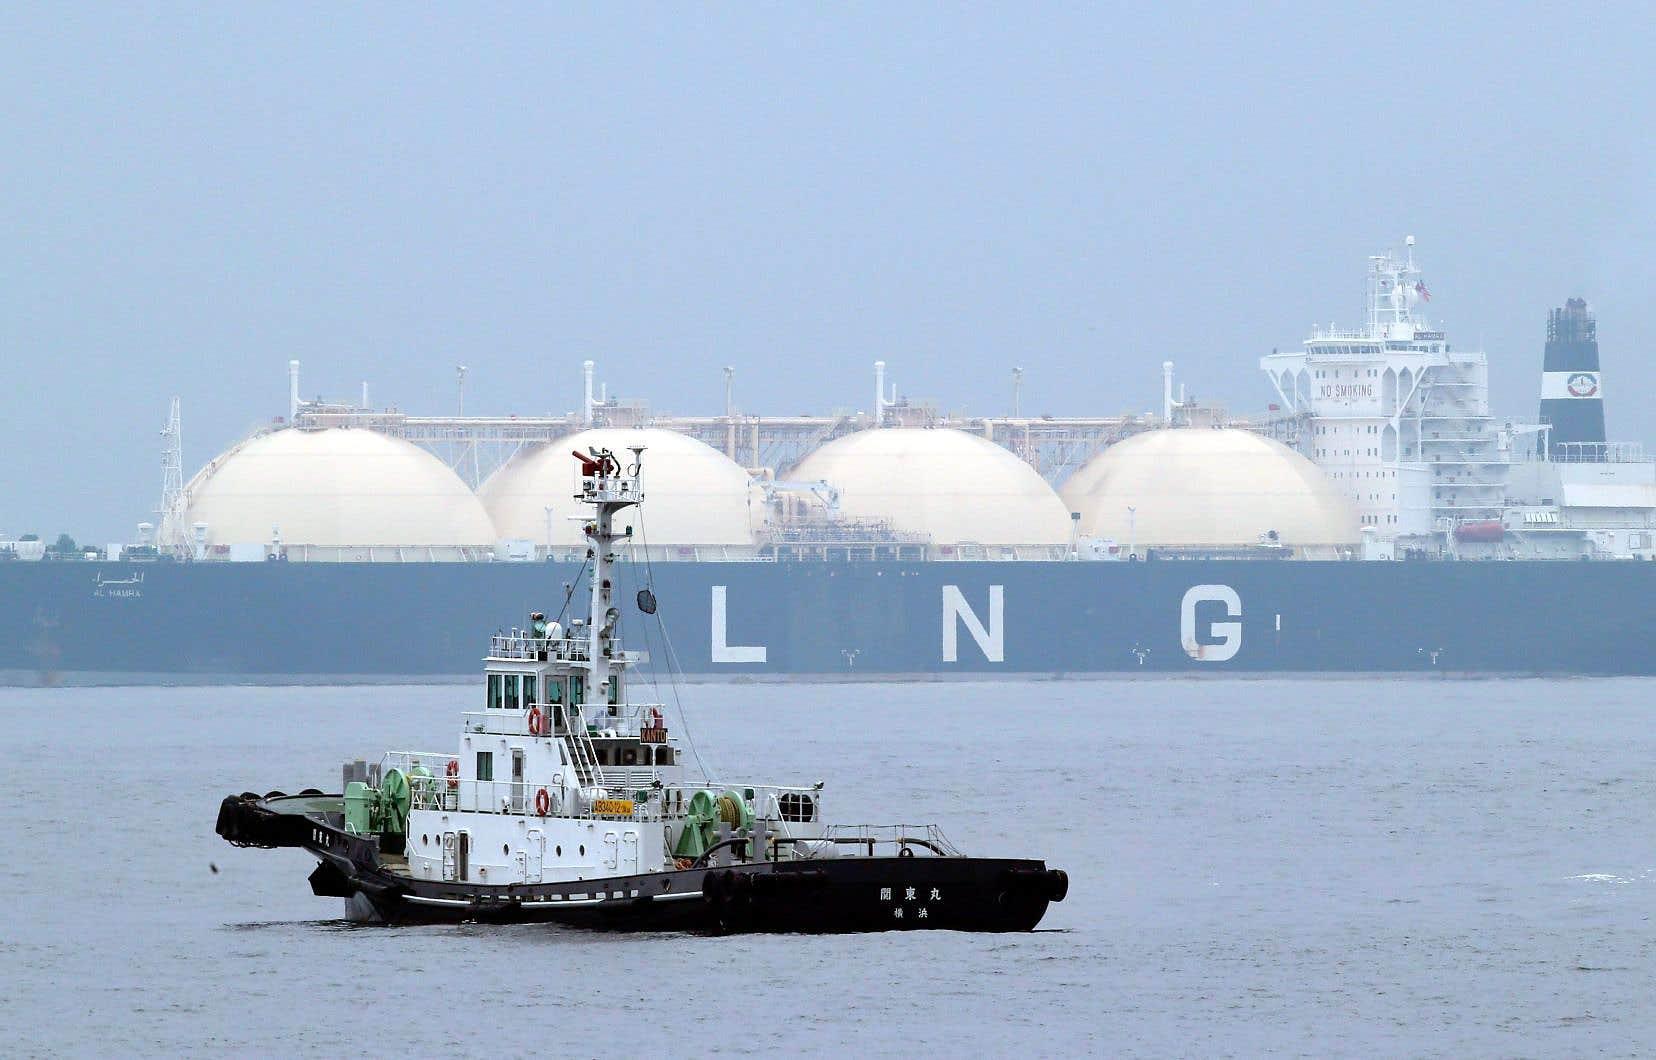 Le gaz naturel liquéfié serait exporté par des méthaniers. Ces navires devraient traverser l'habitat essentiel du béluga du Saint-Laurent, principalement dans les limites du parc marin du Saguenay–Saint-Laurent.